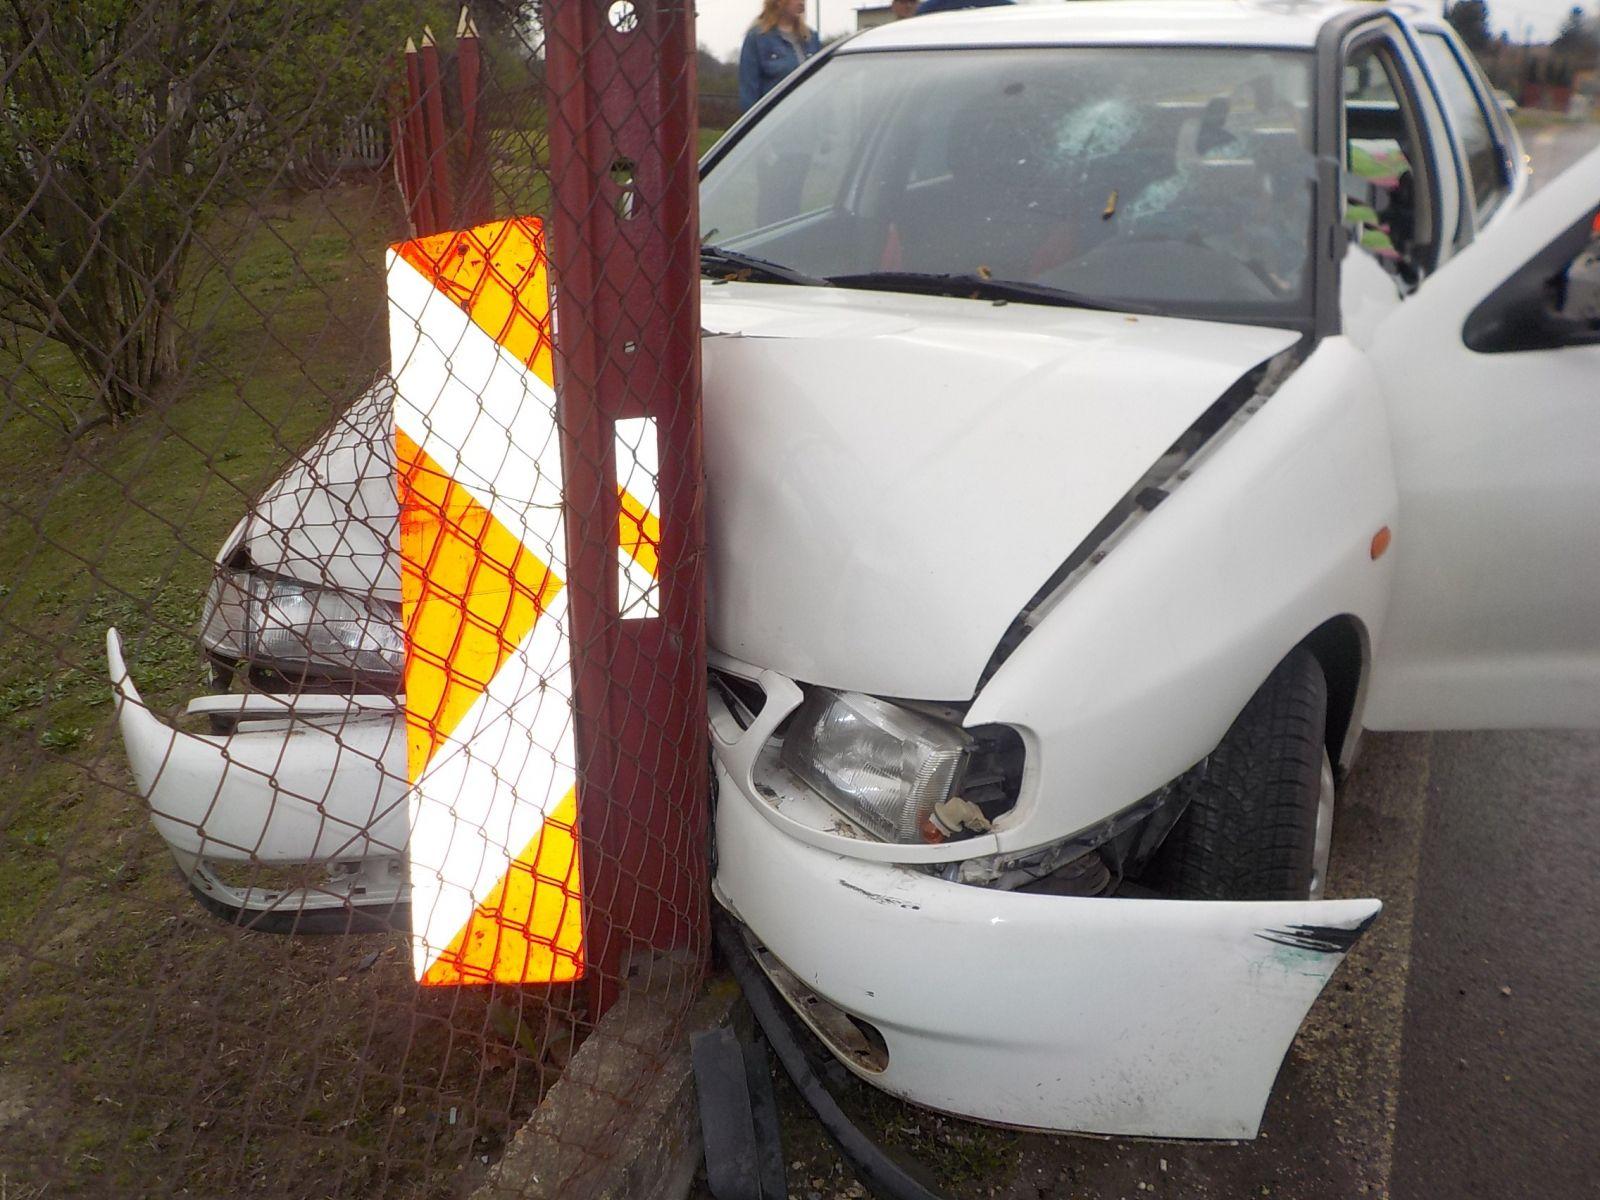 Magyar Narancs - Belpol - Közúti balesetek Magyarországon: Önellátó halálgyár